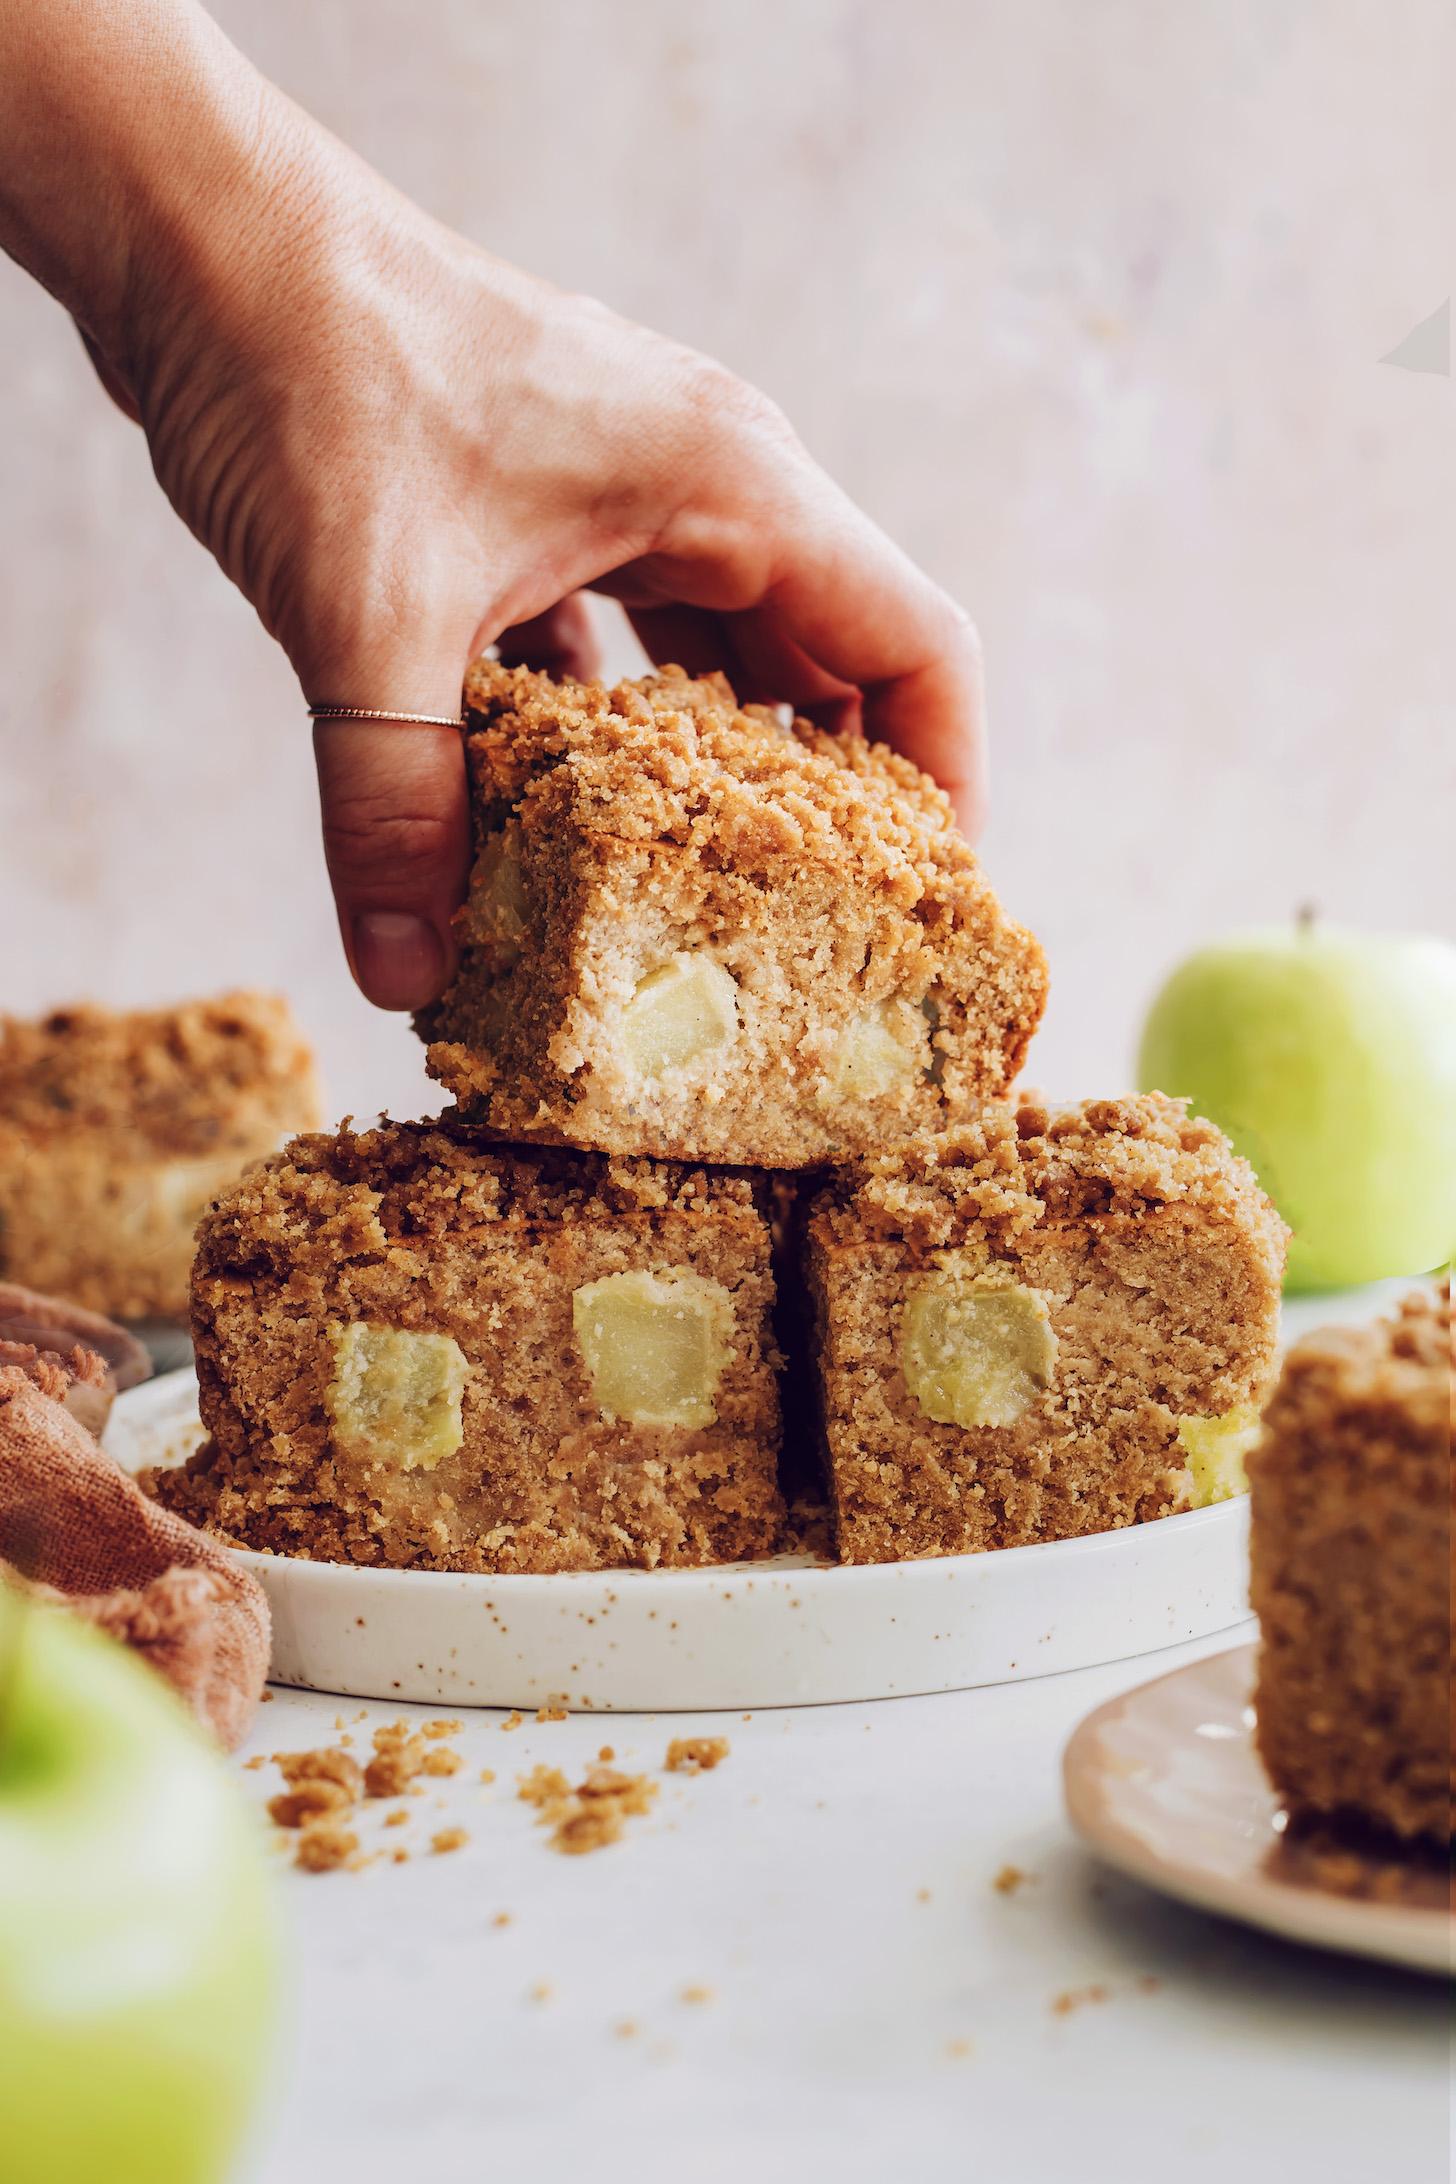 Bir tabaktan bir dilim elmalı kahveli kek almak